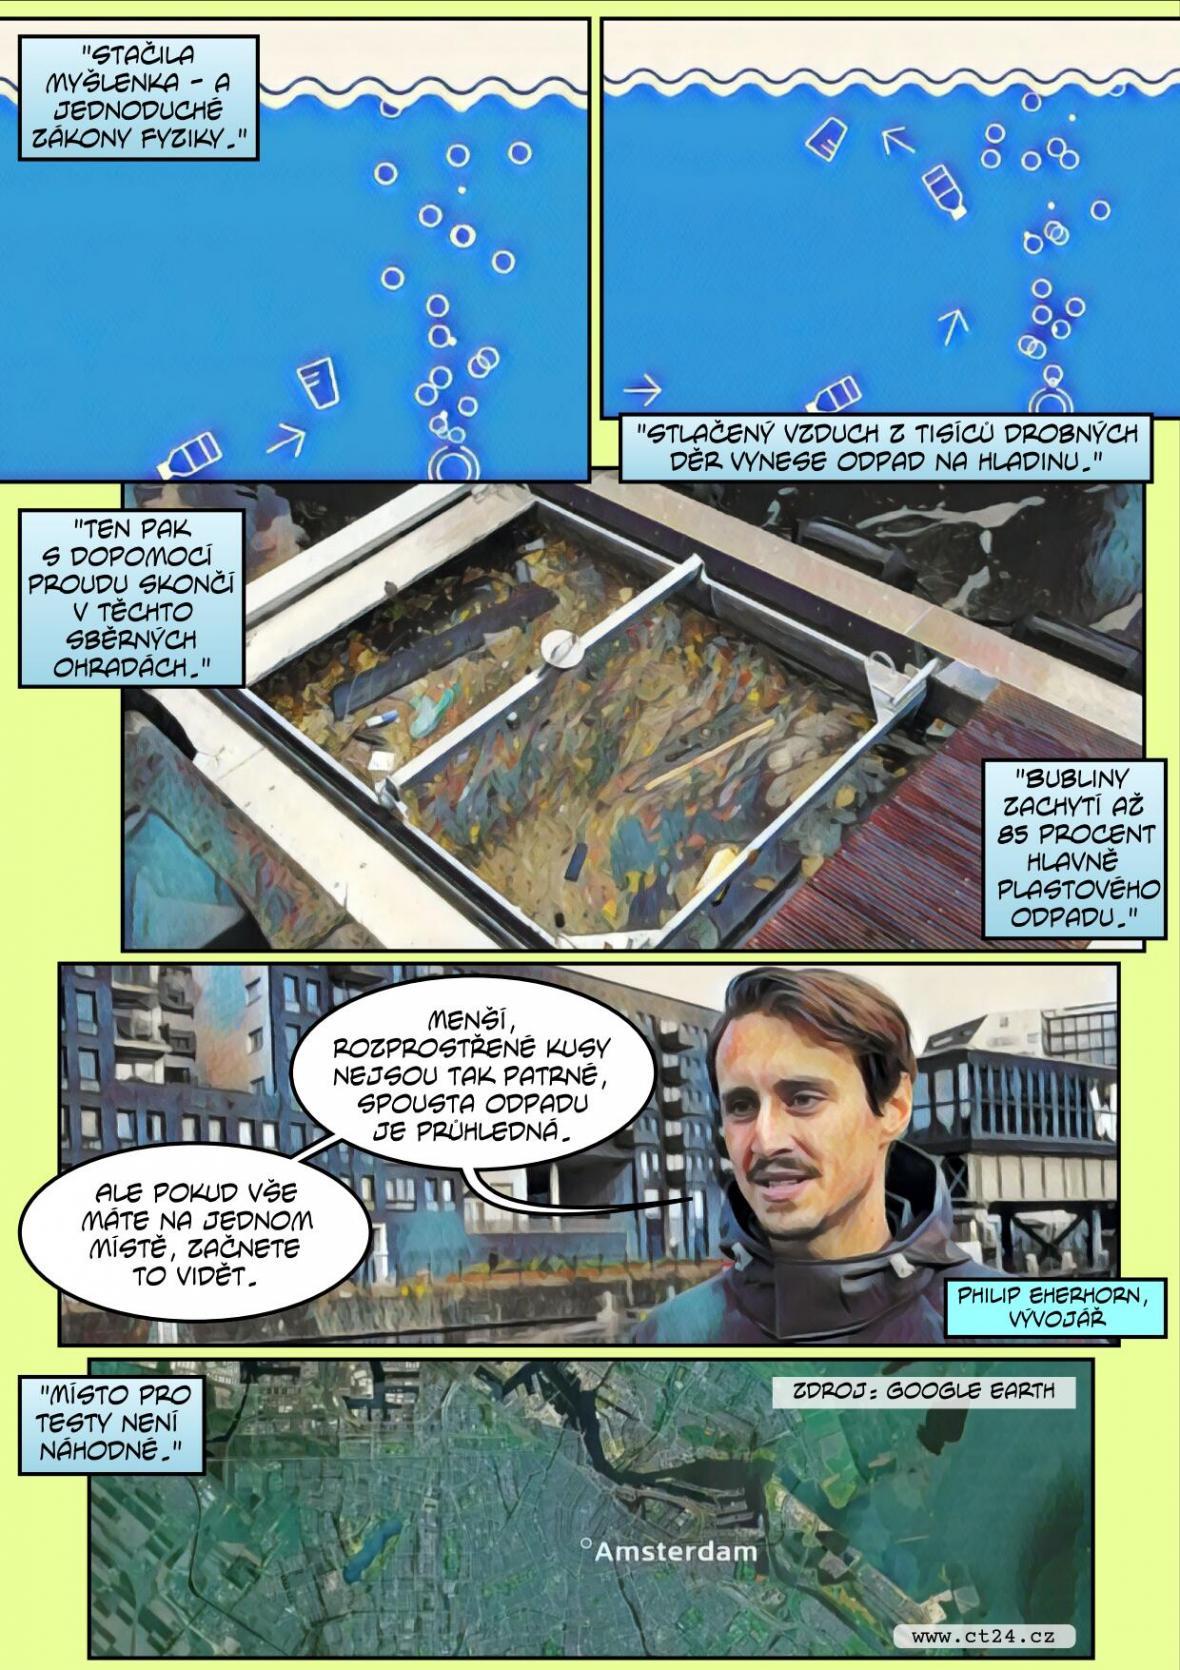 Lék na plastové odpady ve vodě? Vědci testují bariéru z bublin